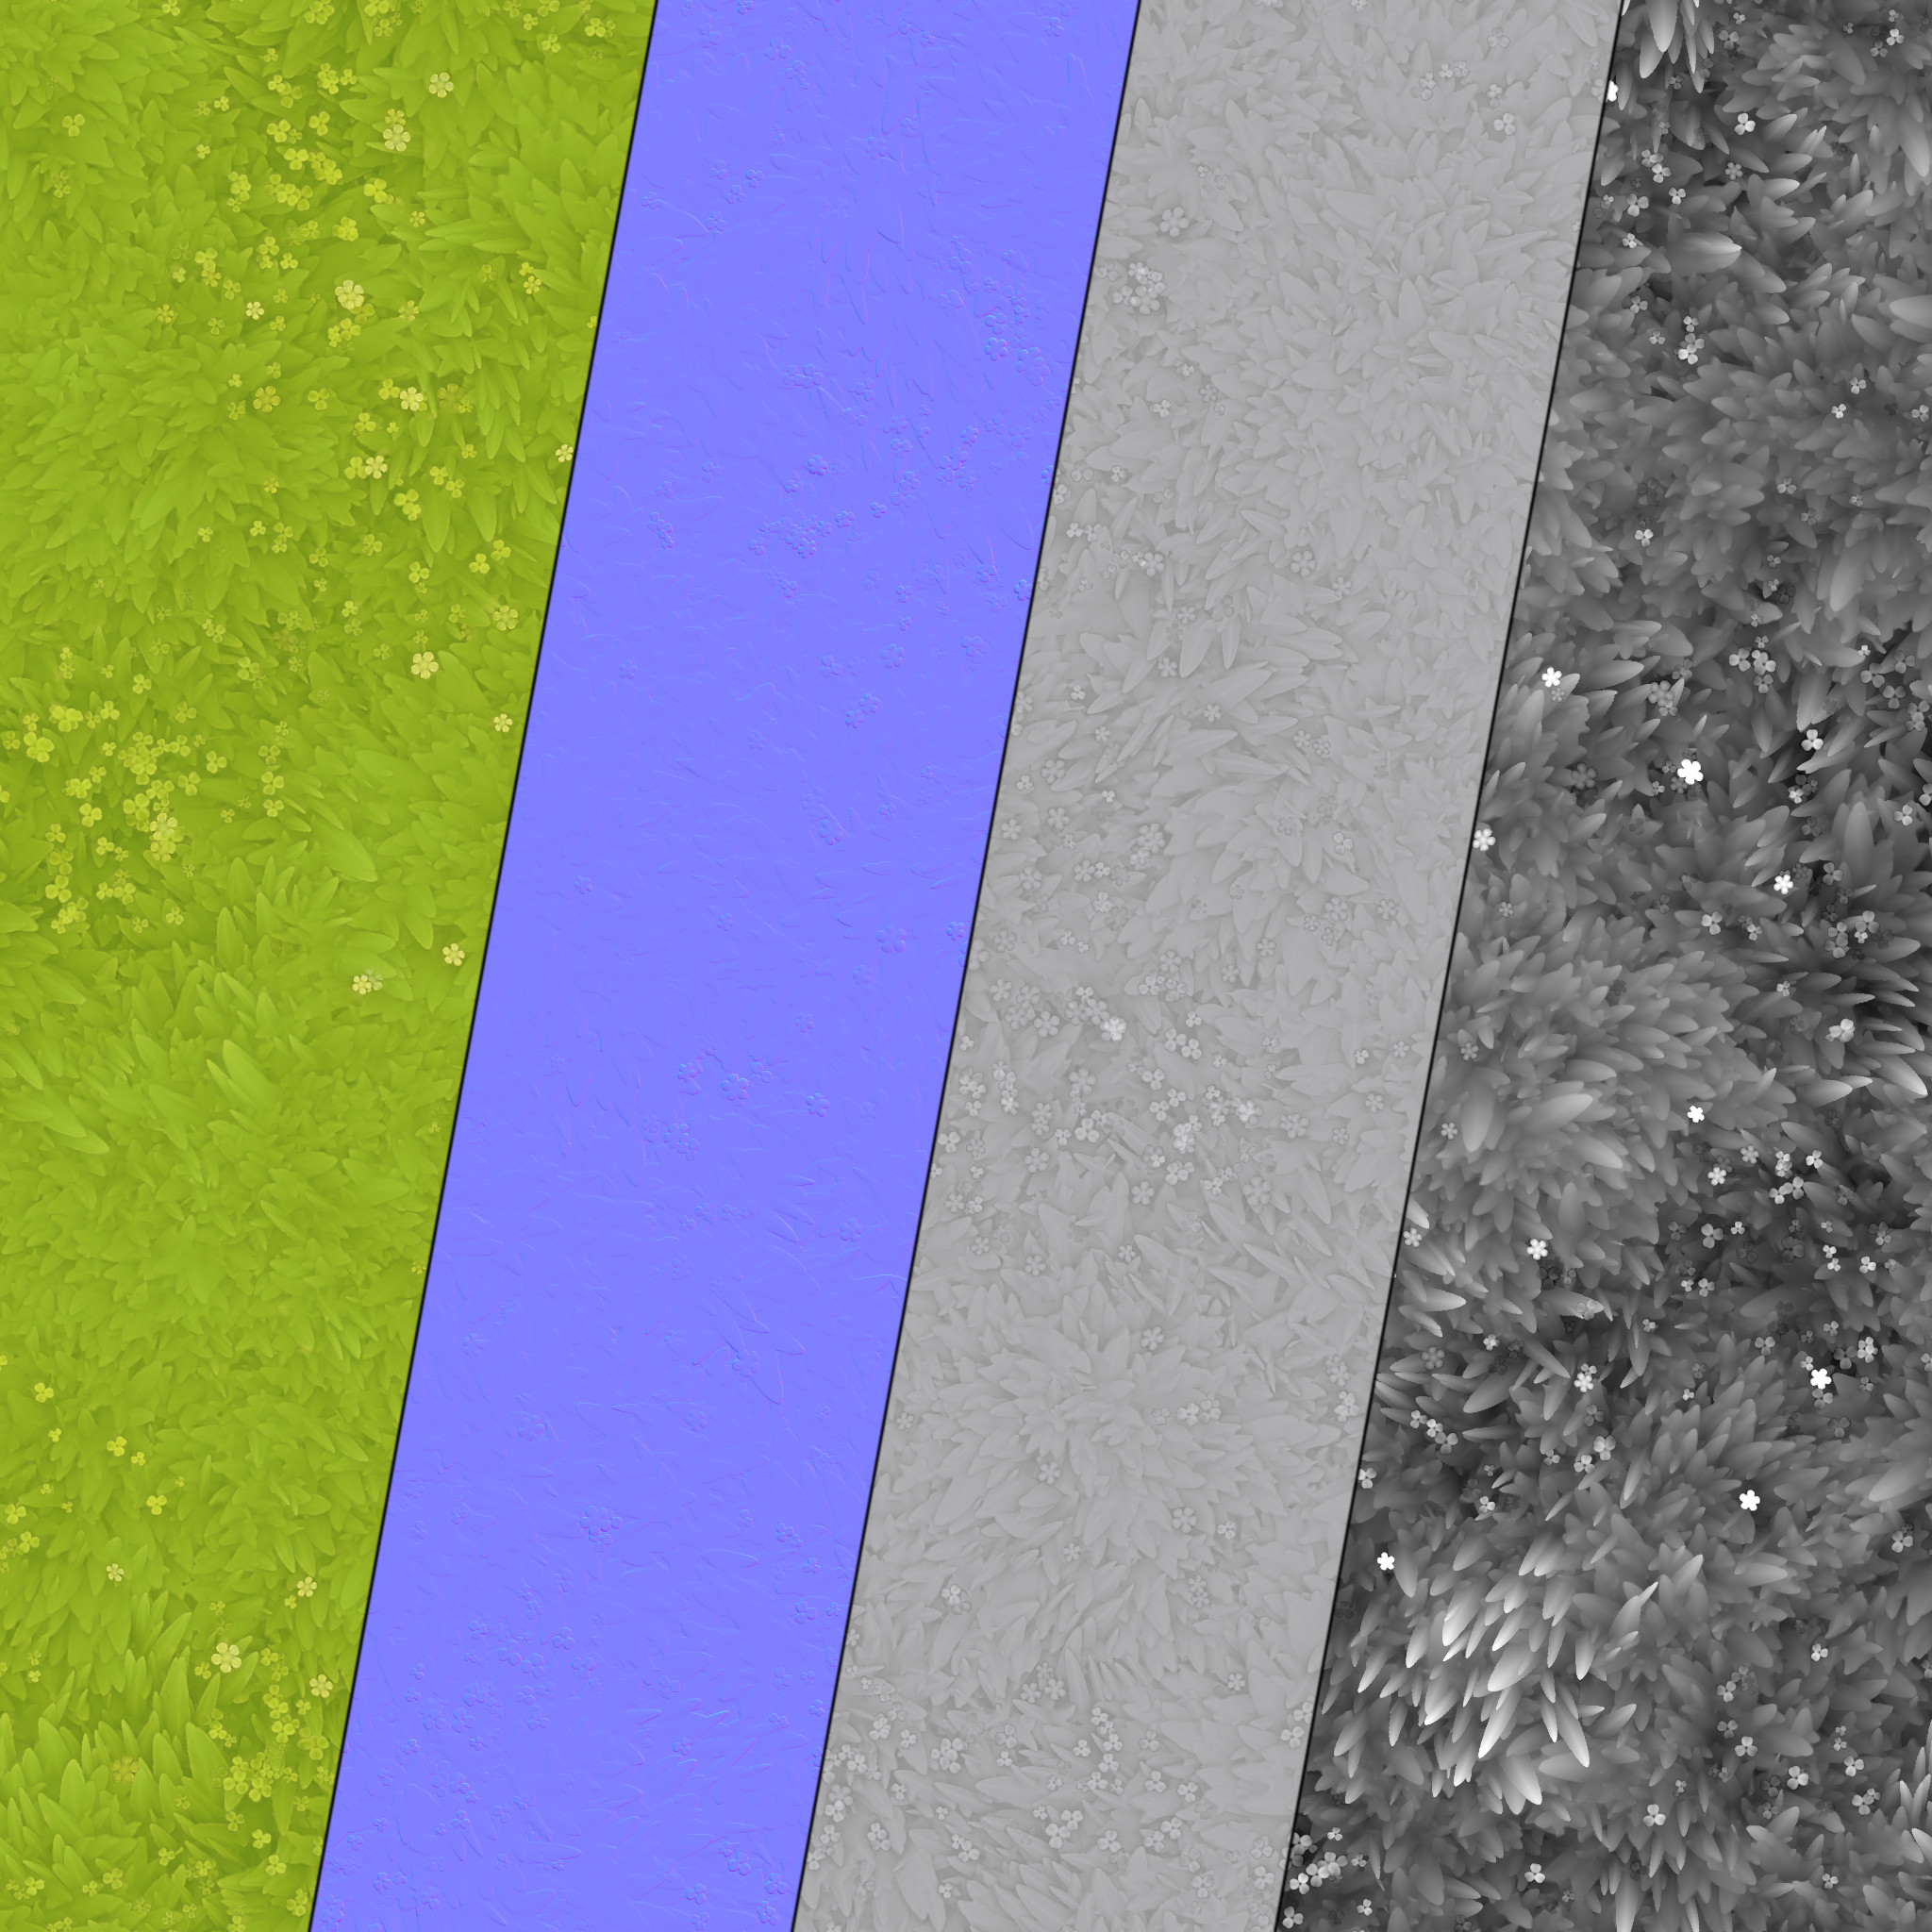 Texture Breakdown